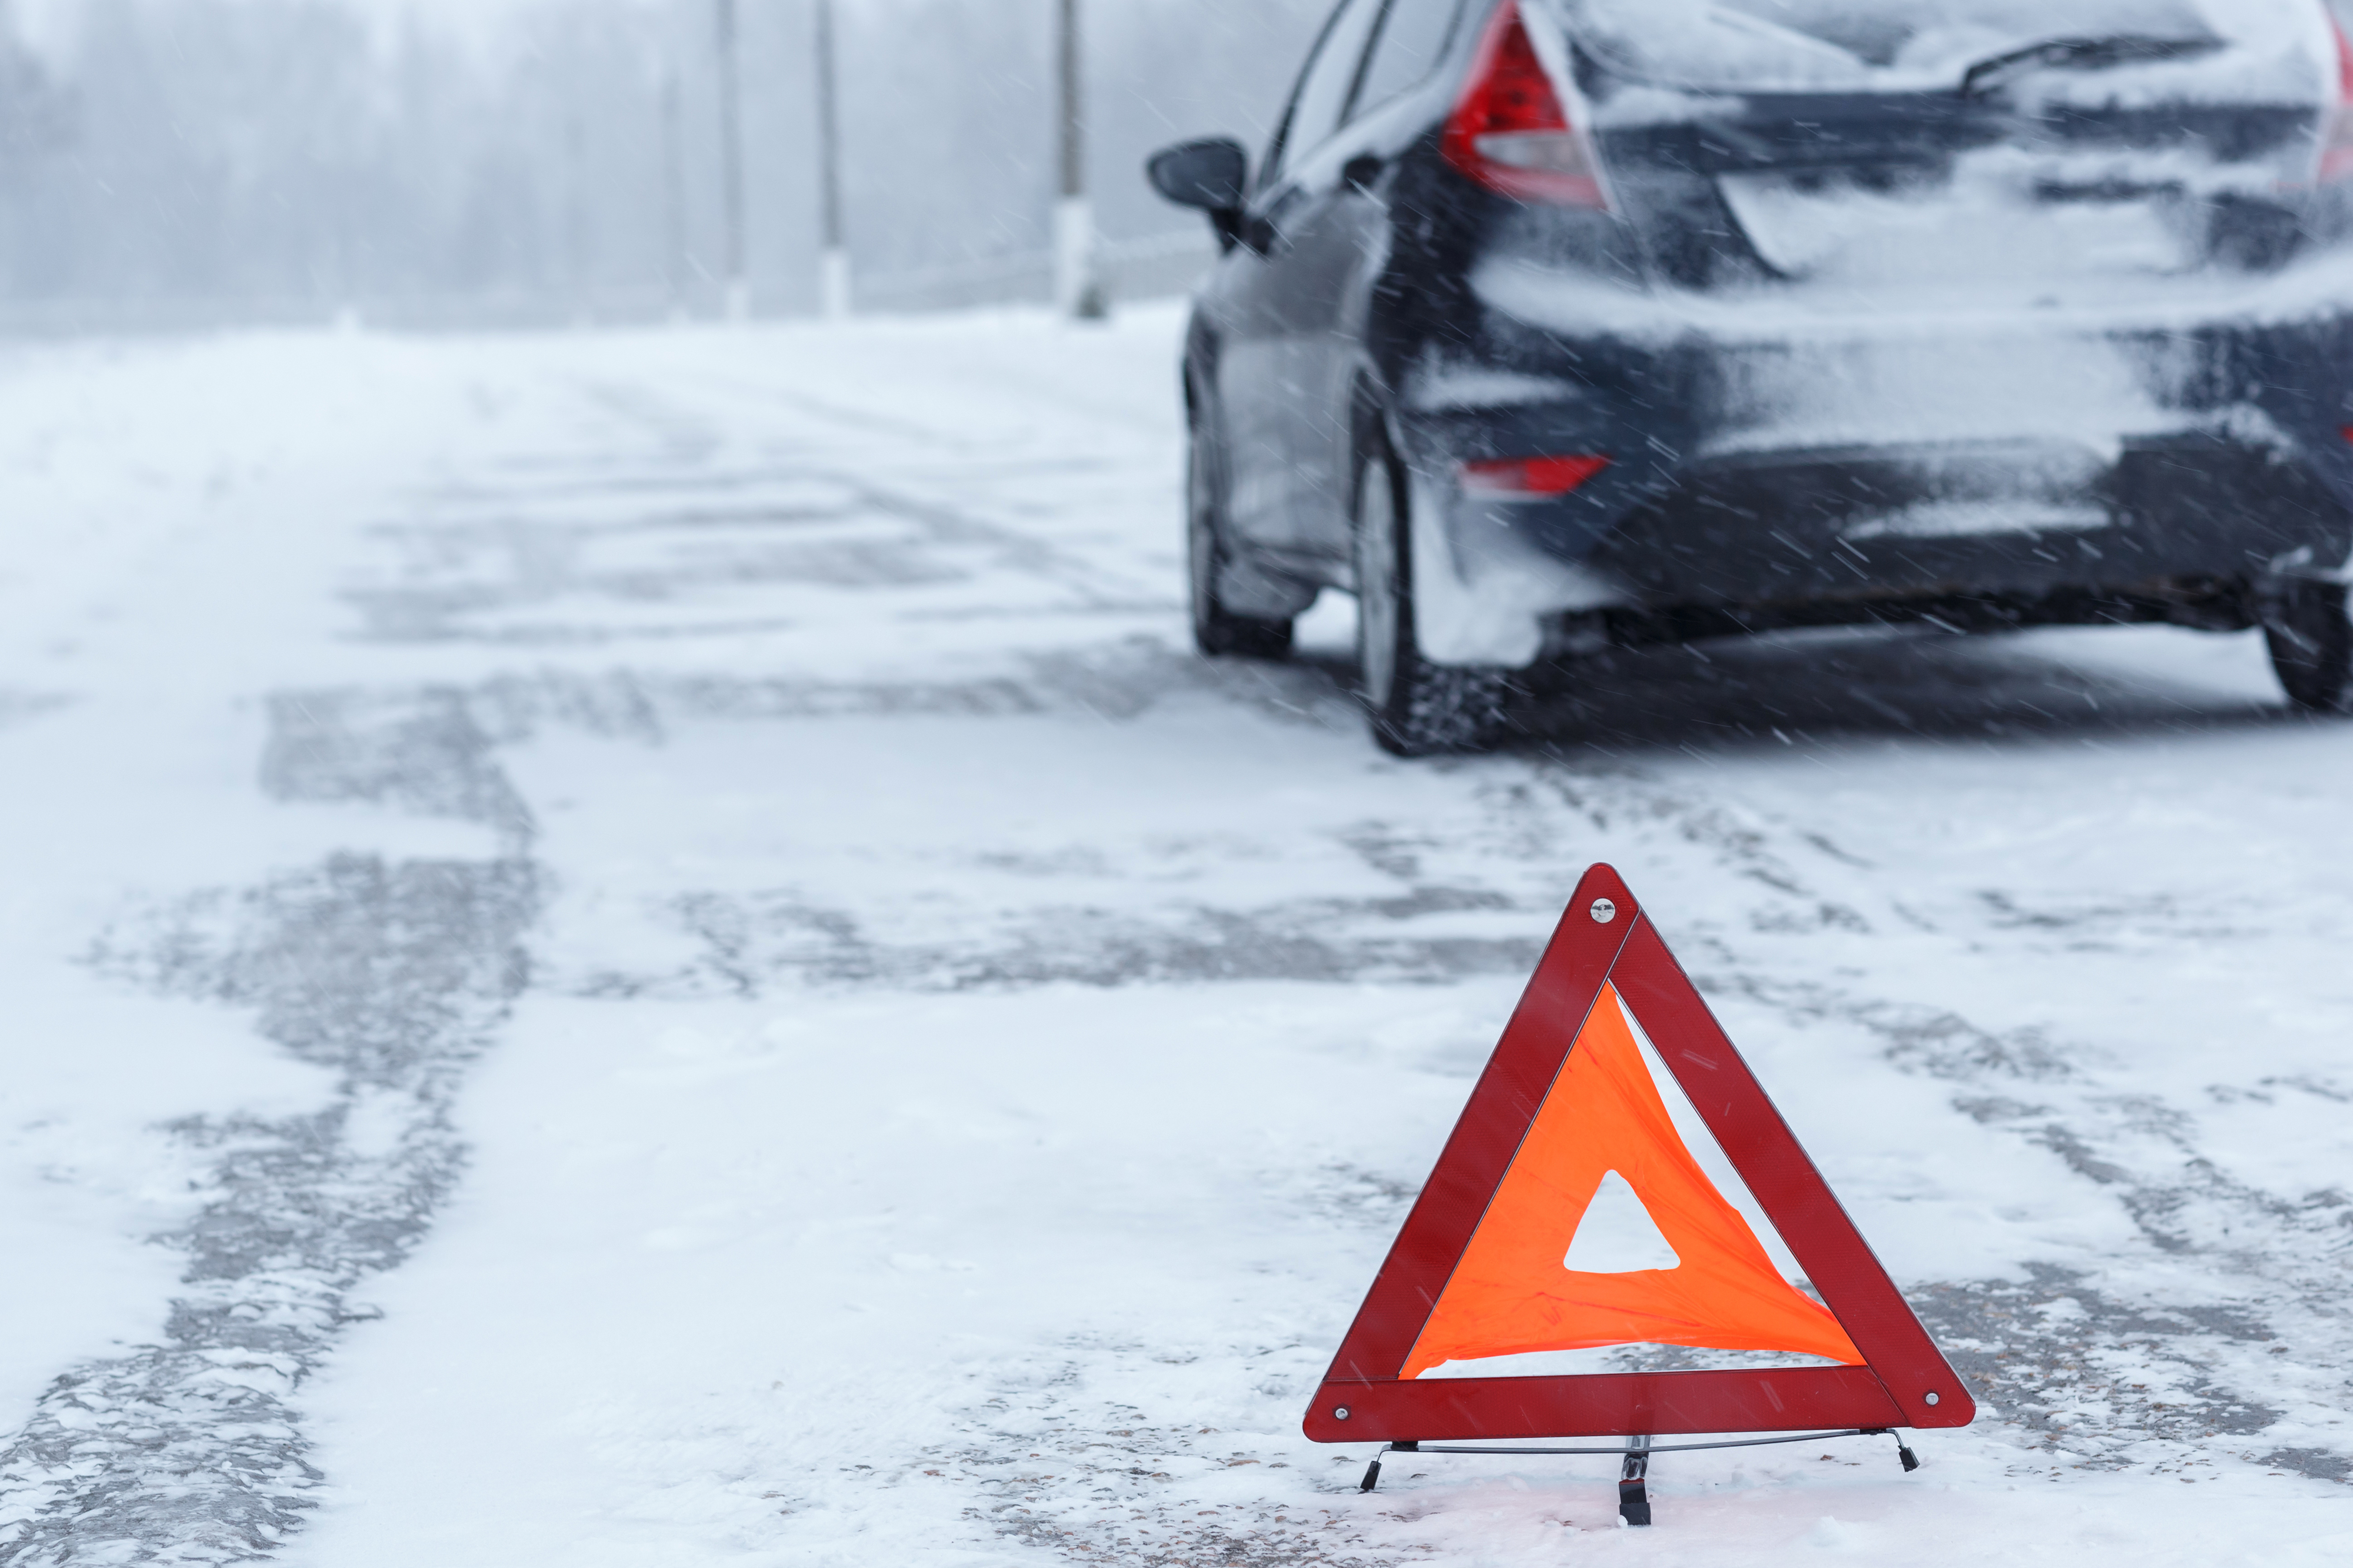 小技・豆知識編♪車でスキー&スノボに行くなら必見!安全な雪道ドライブの為に♪